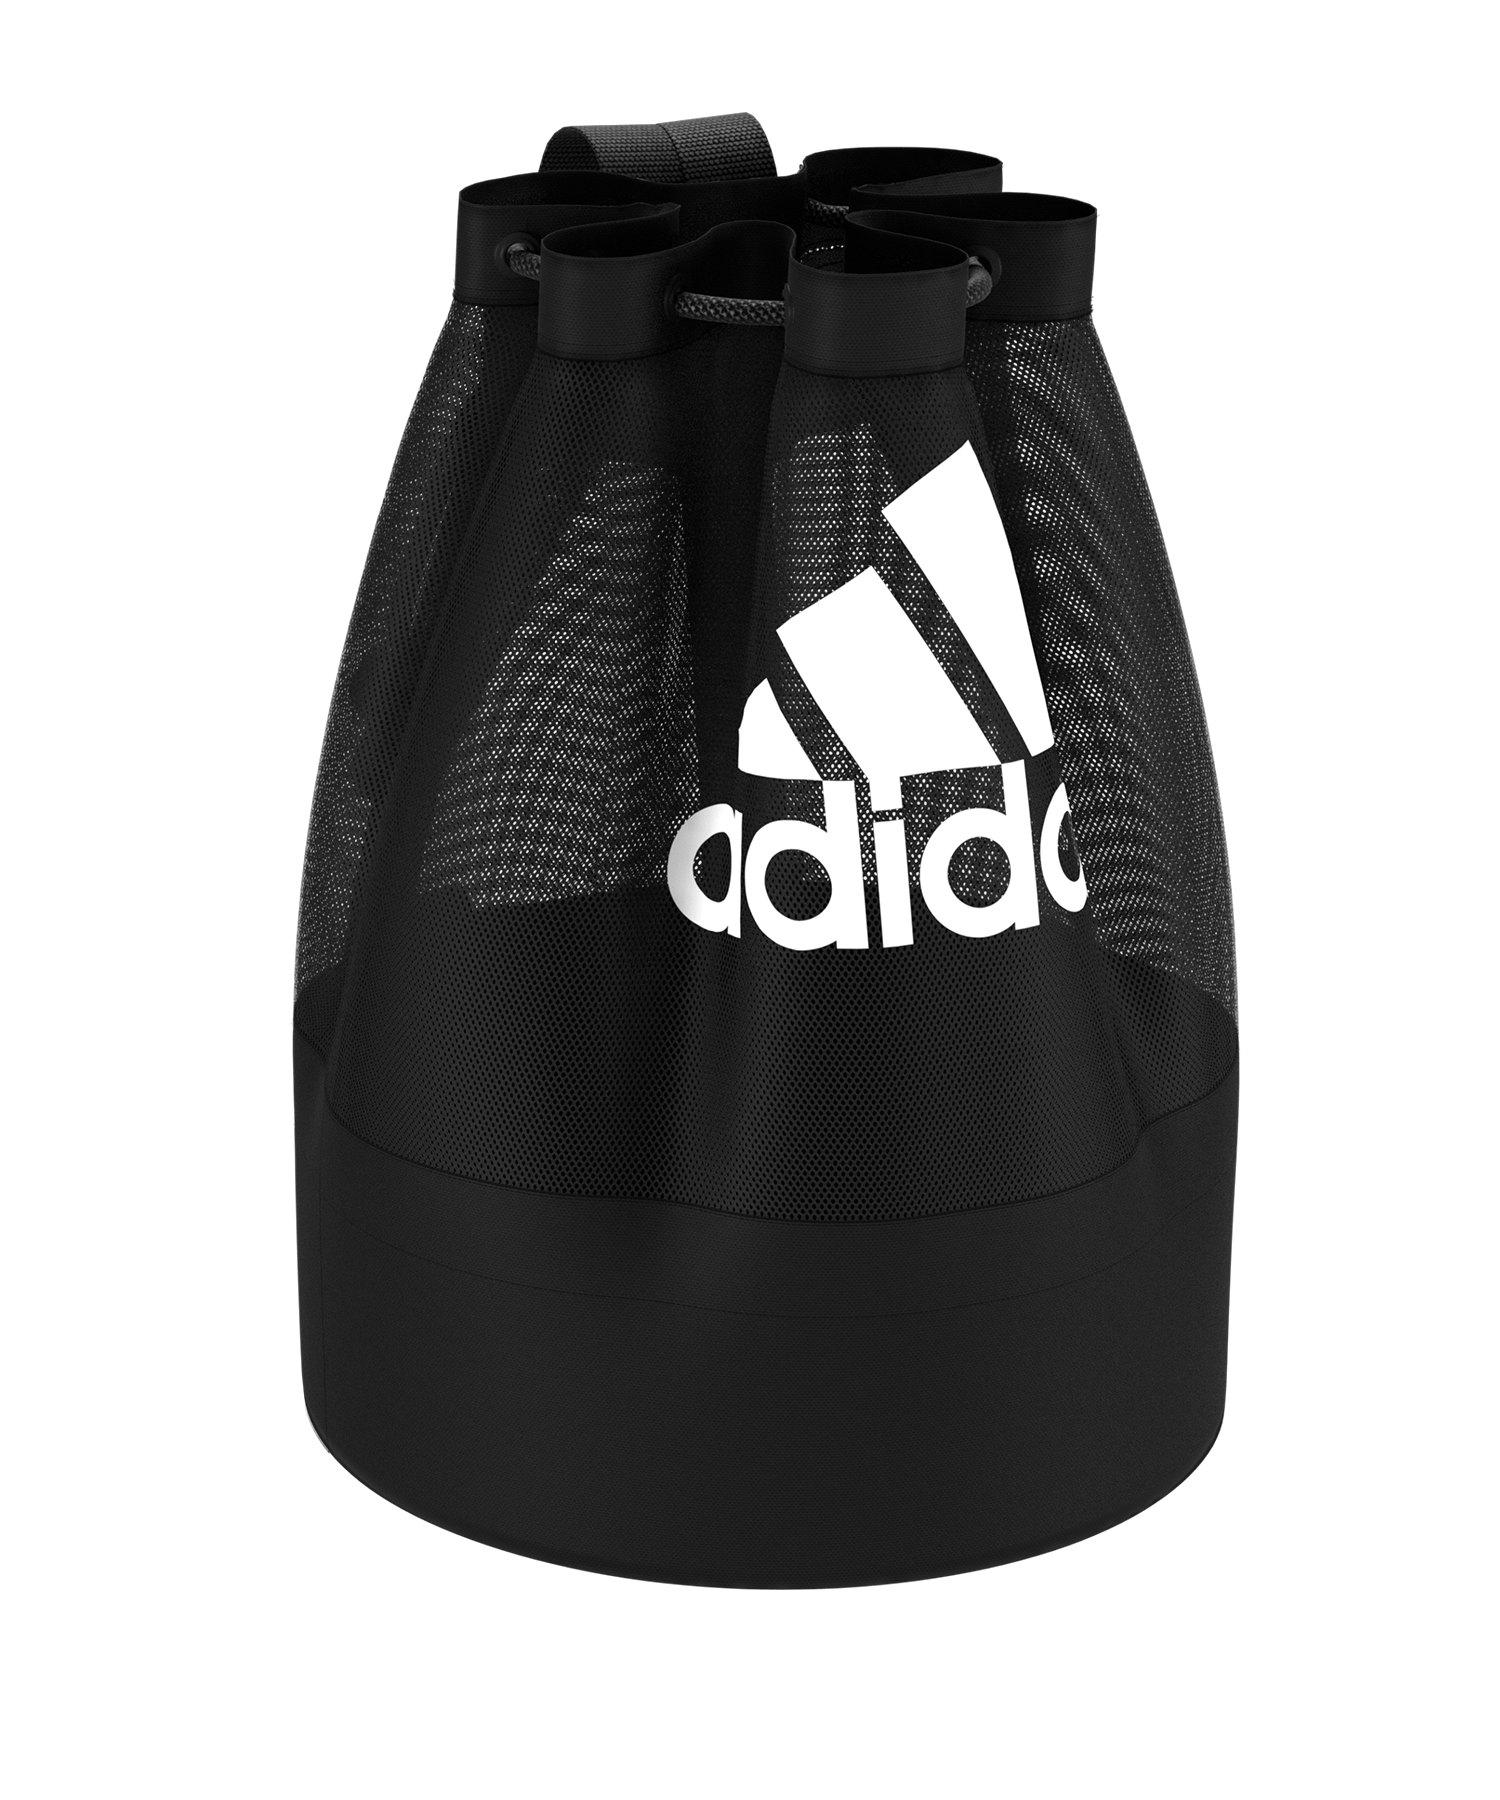 adidas Ballnet Ballnetz Schwarz Weiss - schwarz